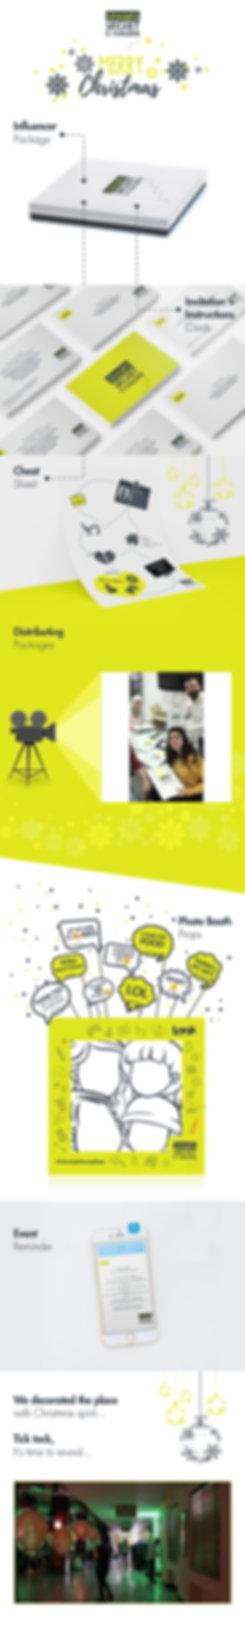 Umniah - Secret Socializer Digital and OnGround Branding